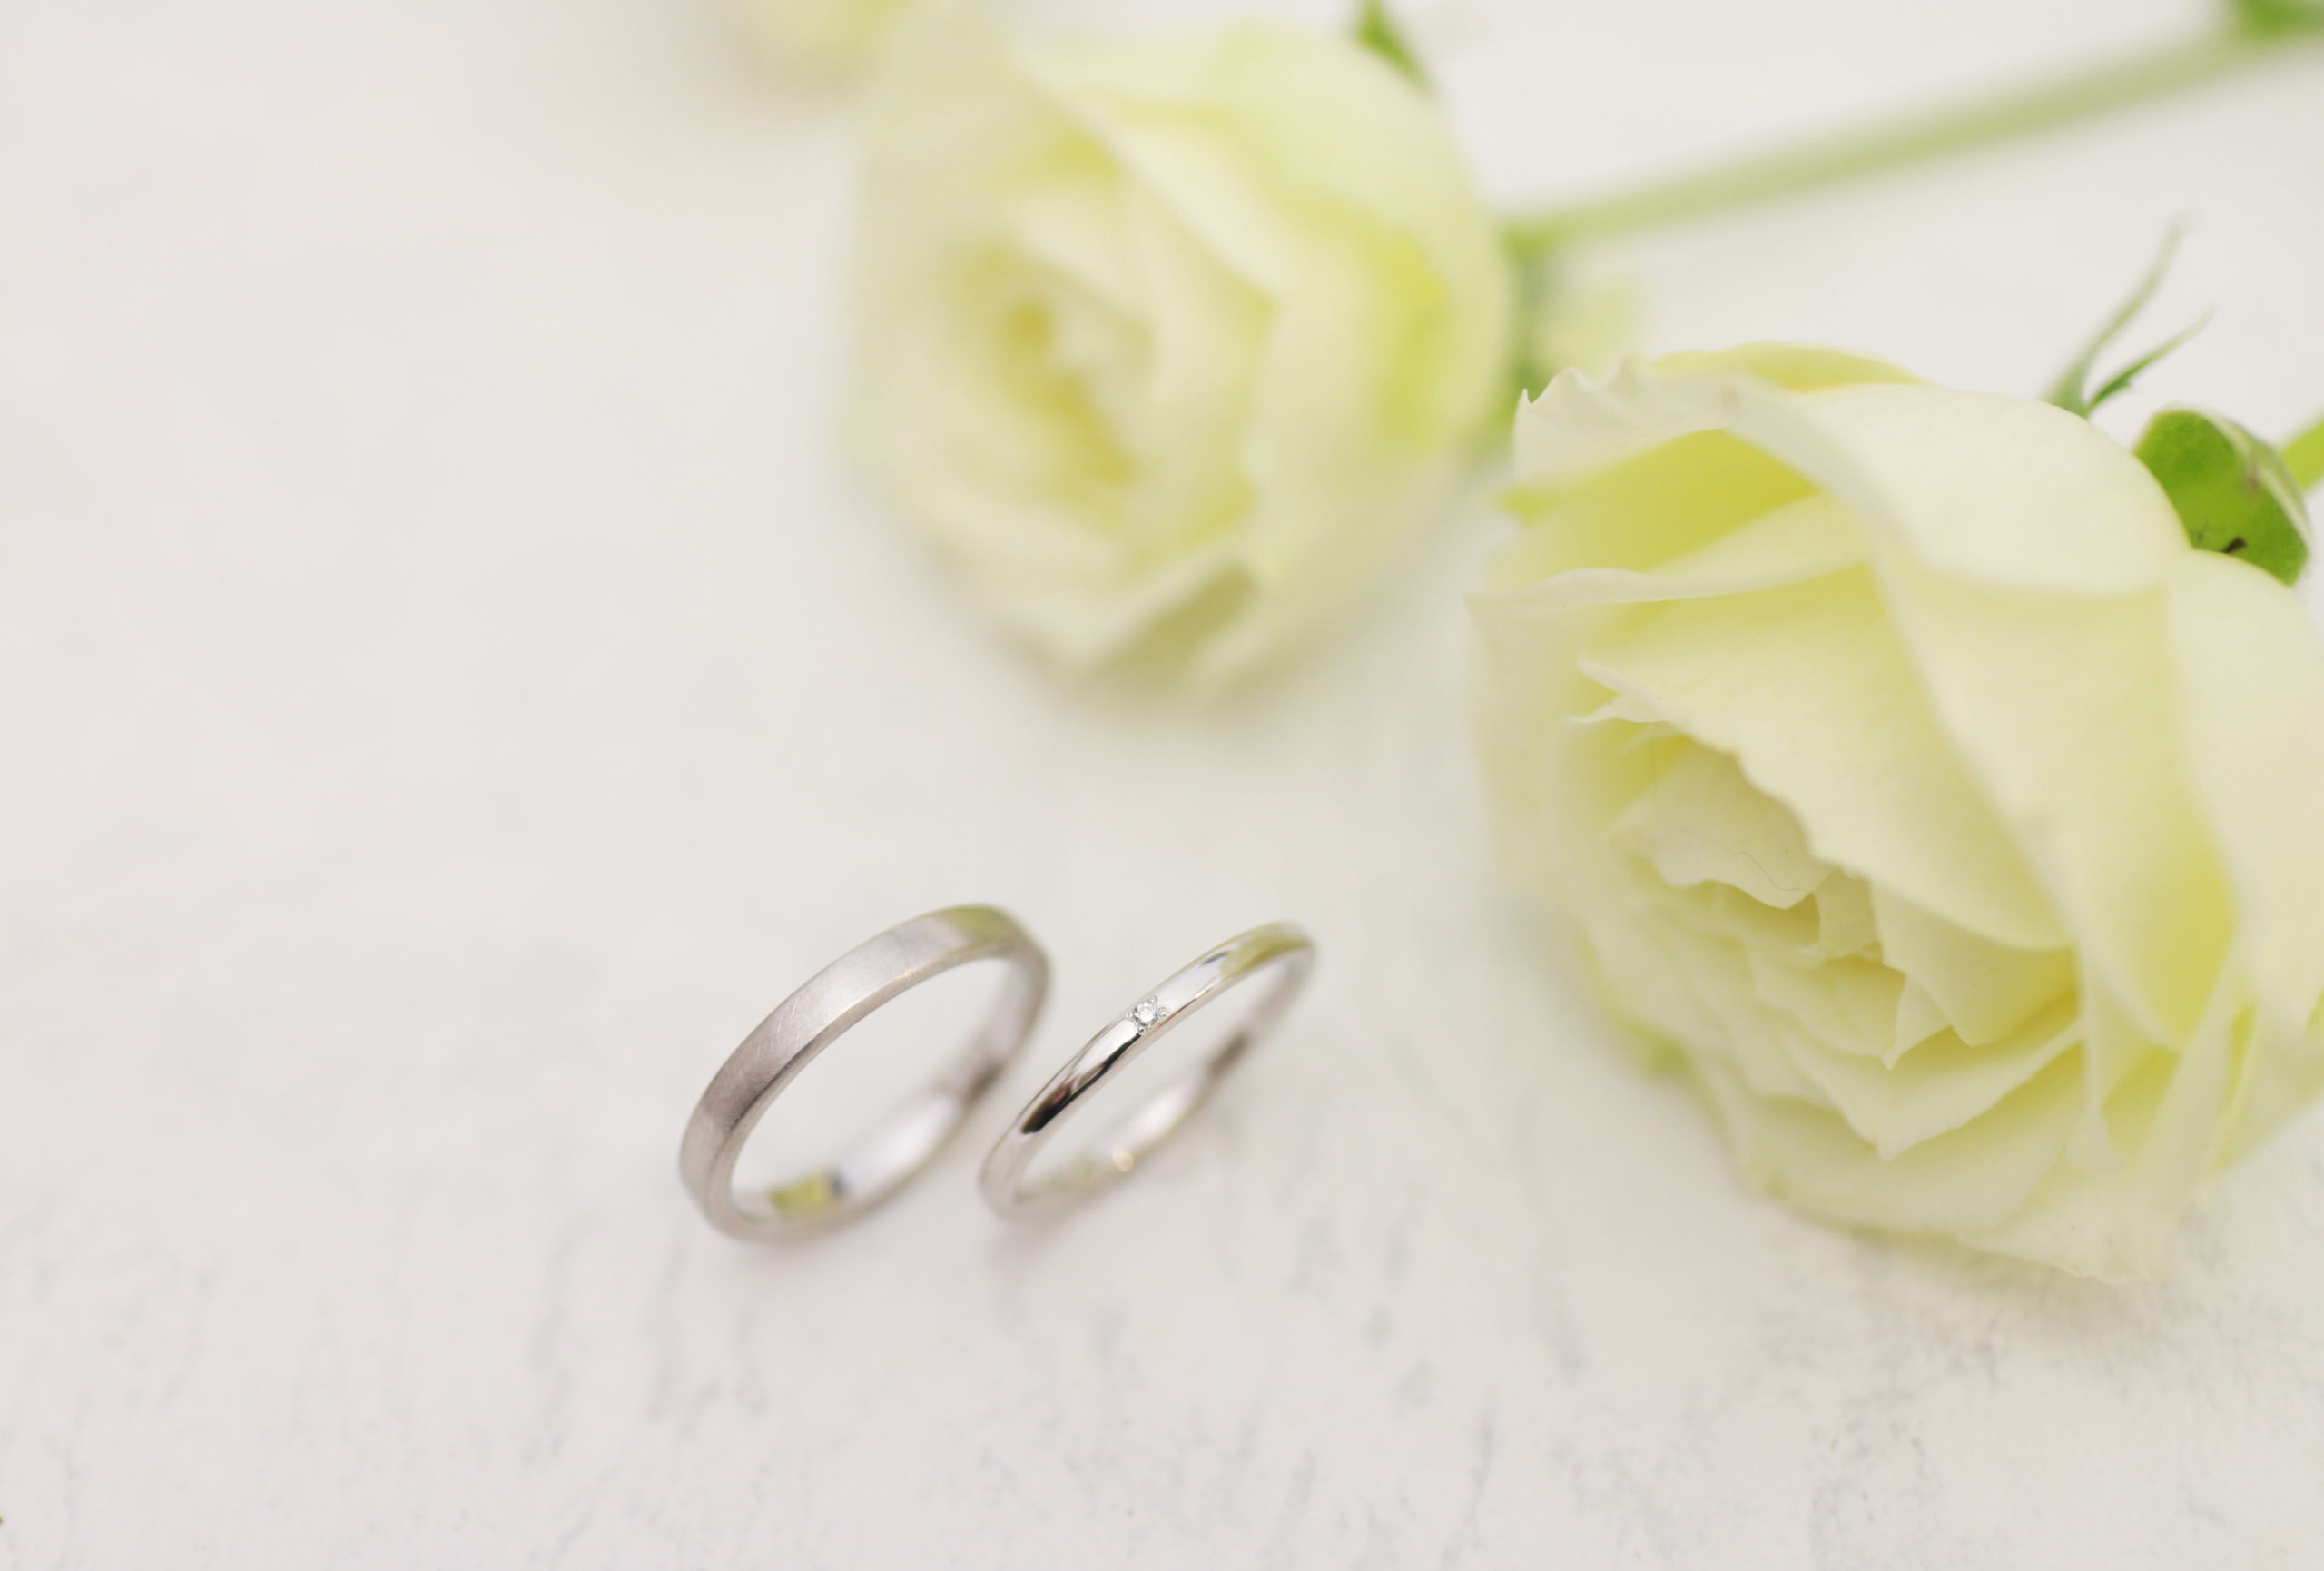 同じ形でテクスチャー違いの手作り結婚指輪